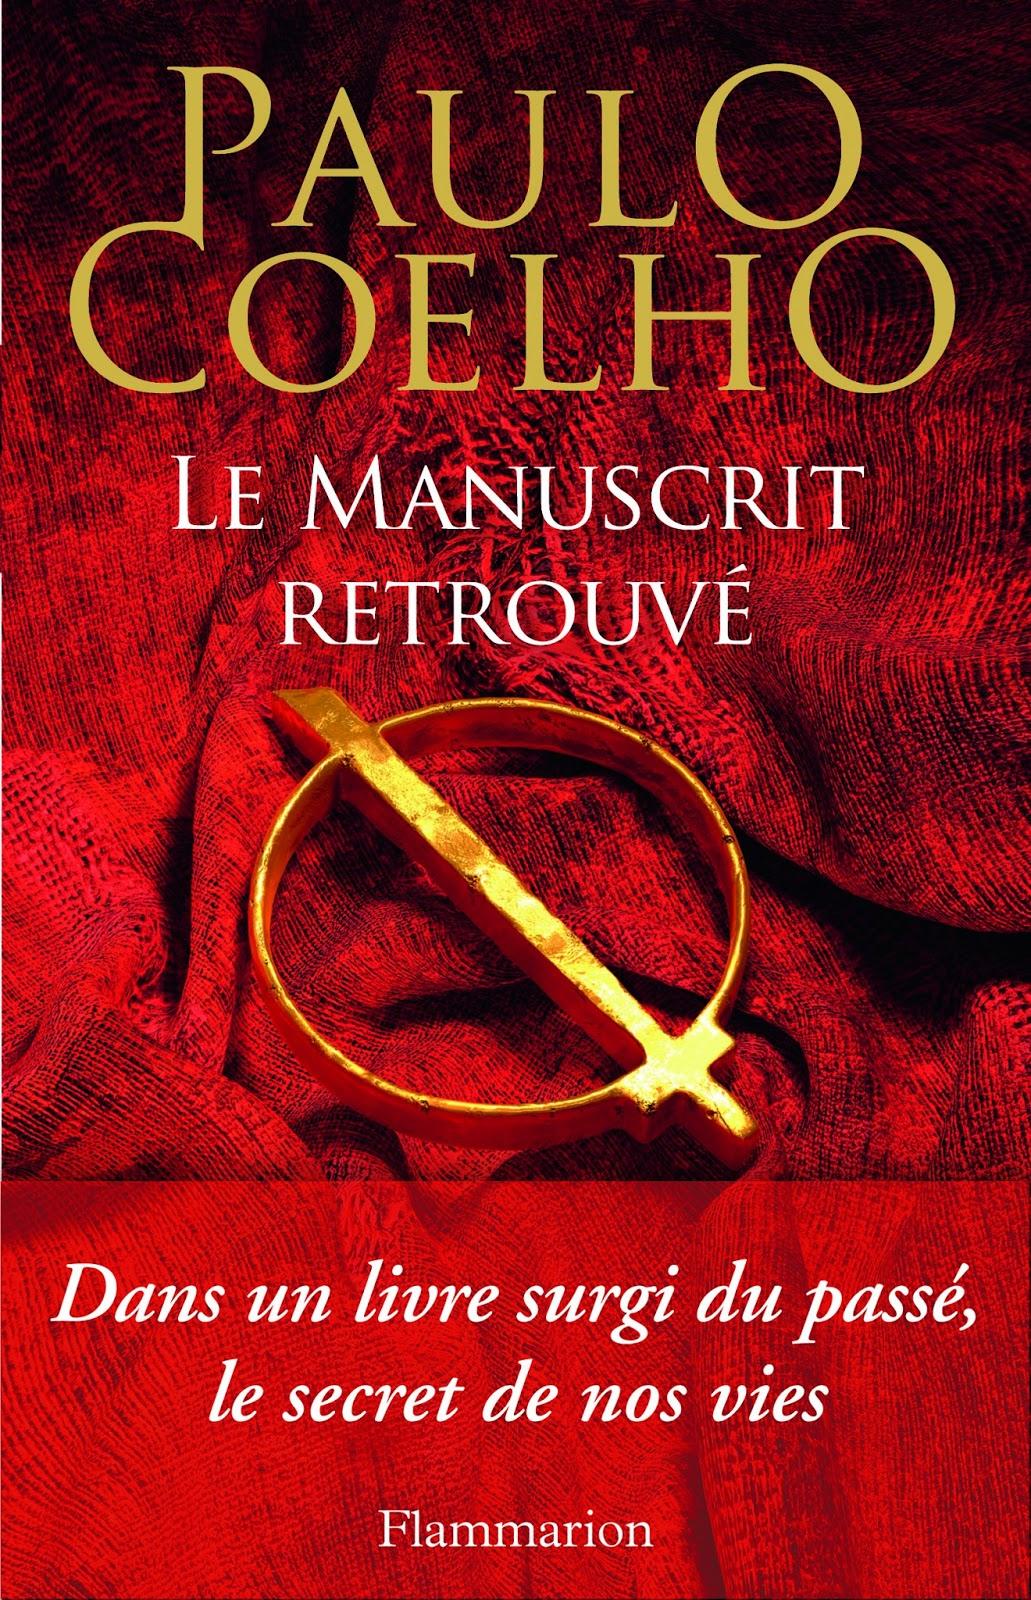 Télécharger Roman Gratuit : Paulo Coelho - Le manuscrit retrouvé pdf